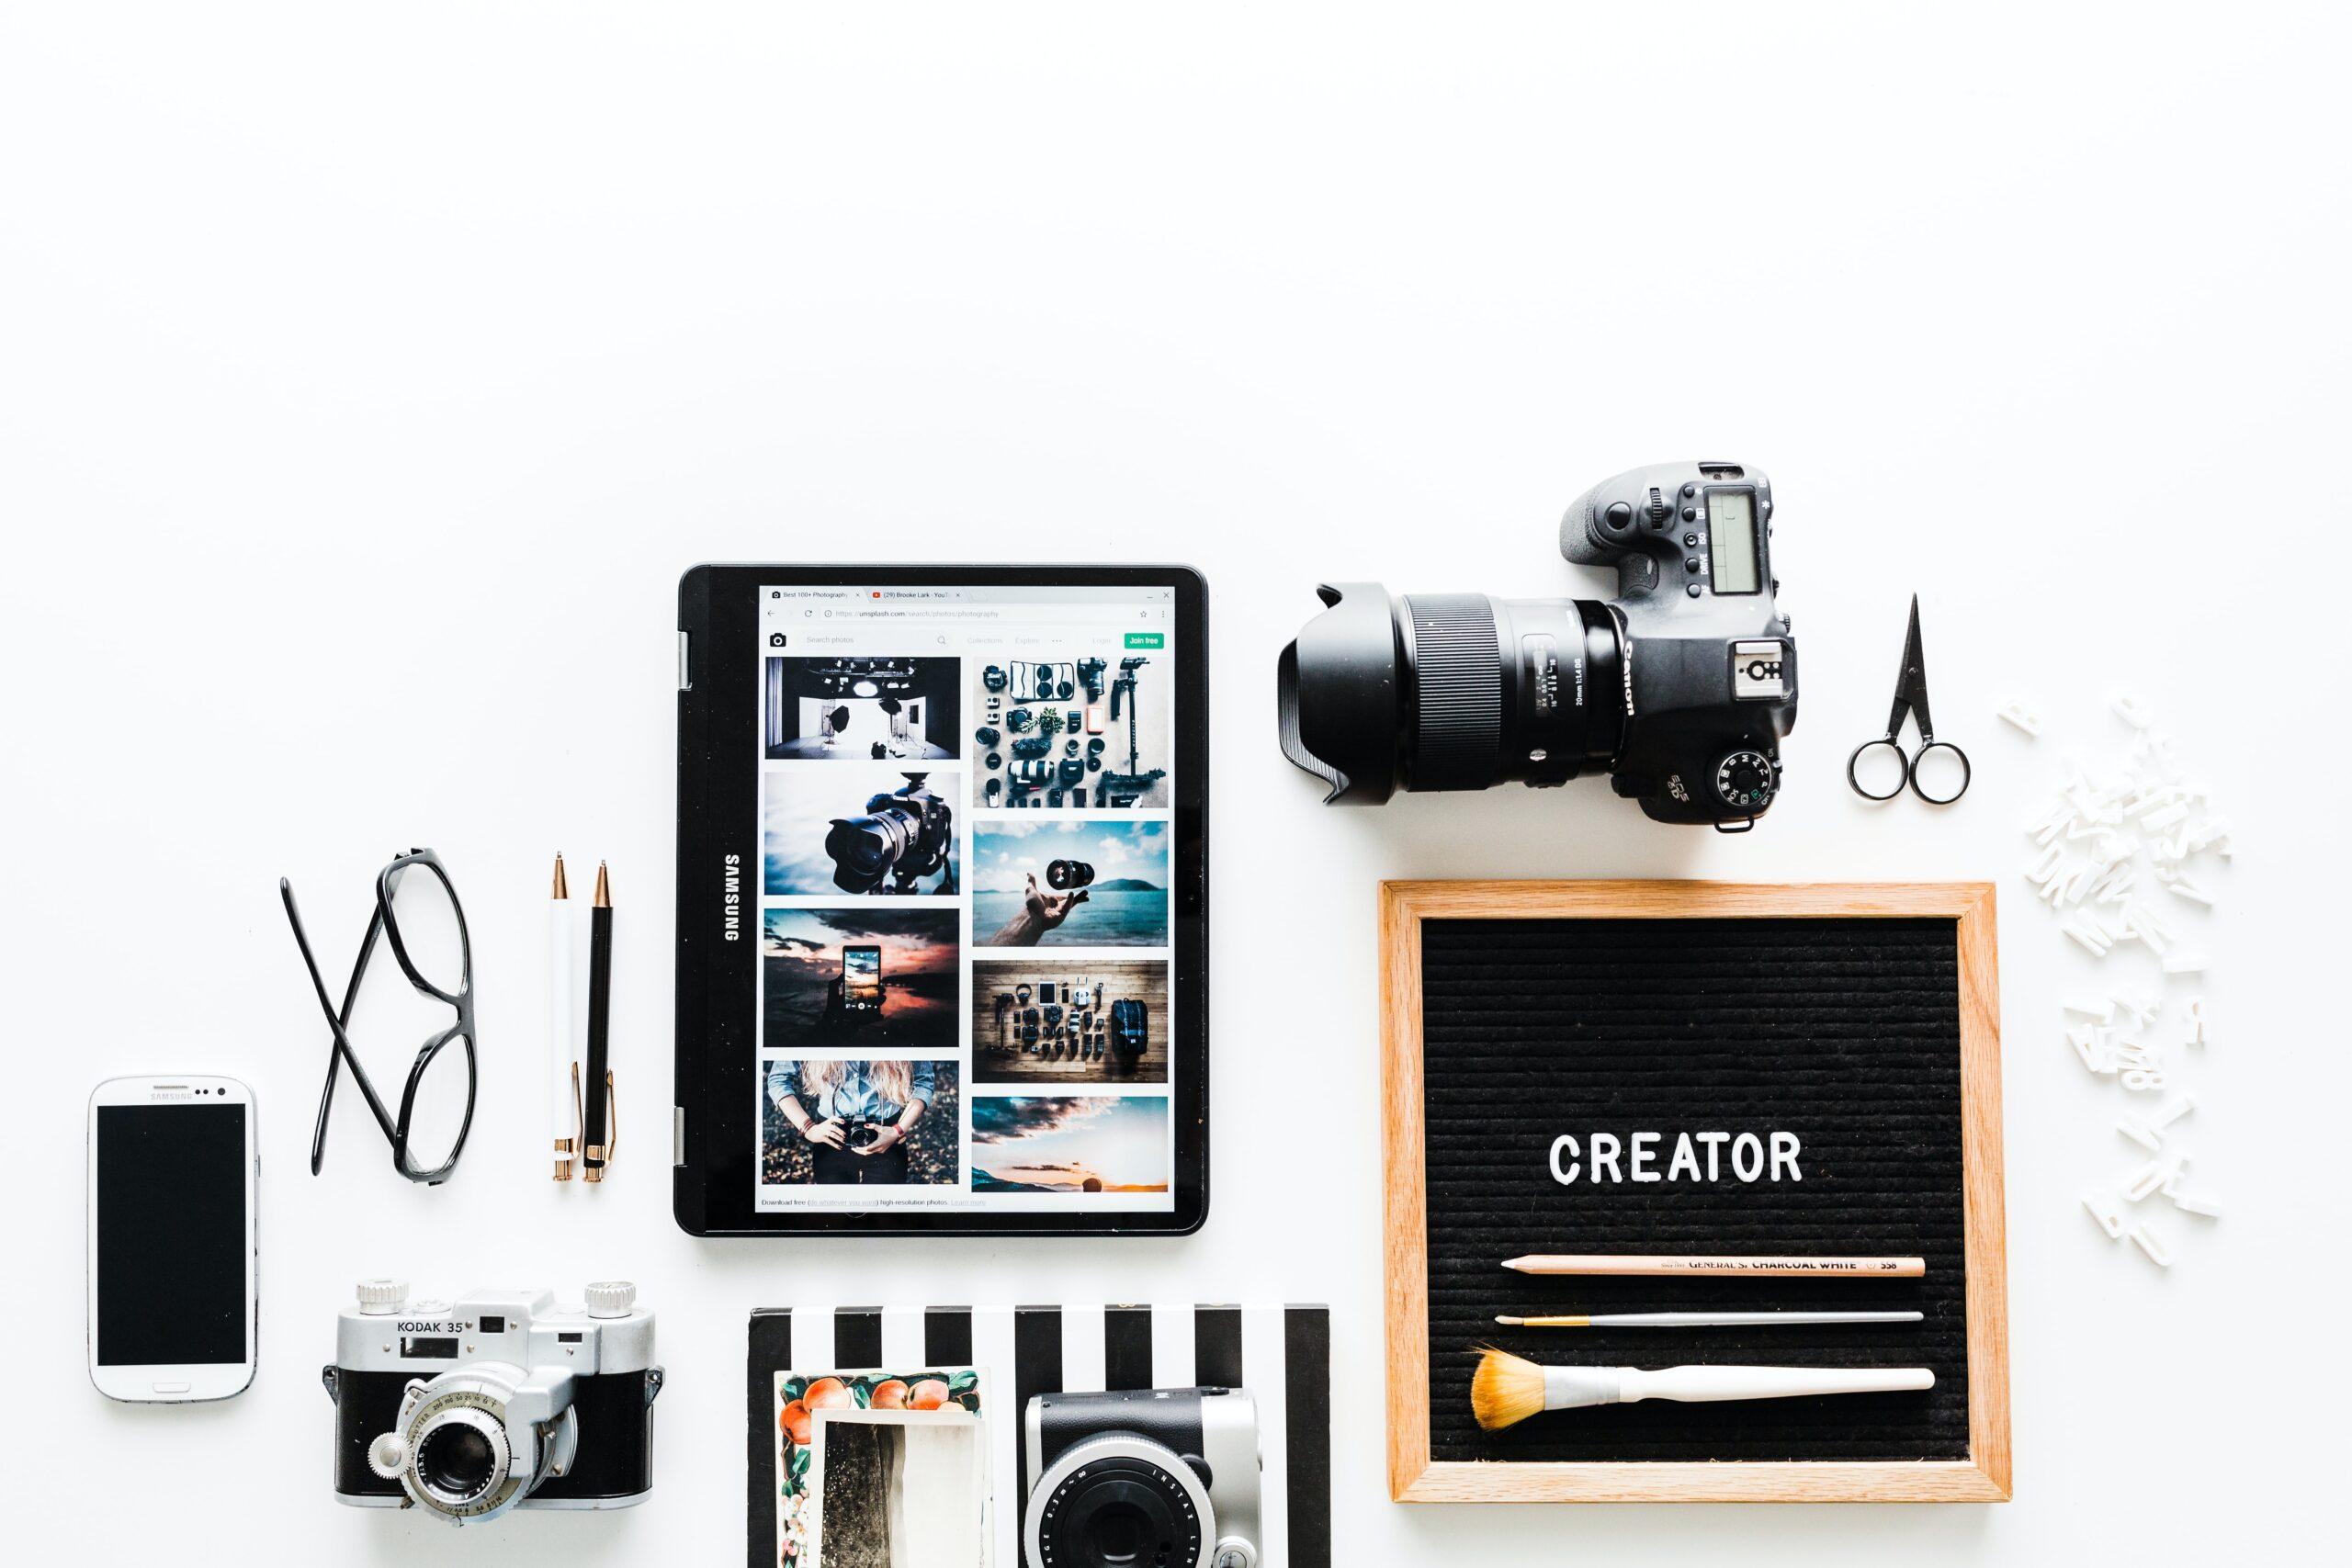 Corsi per diventare blogger